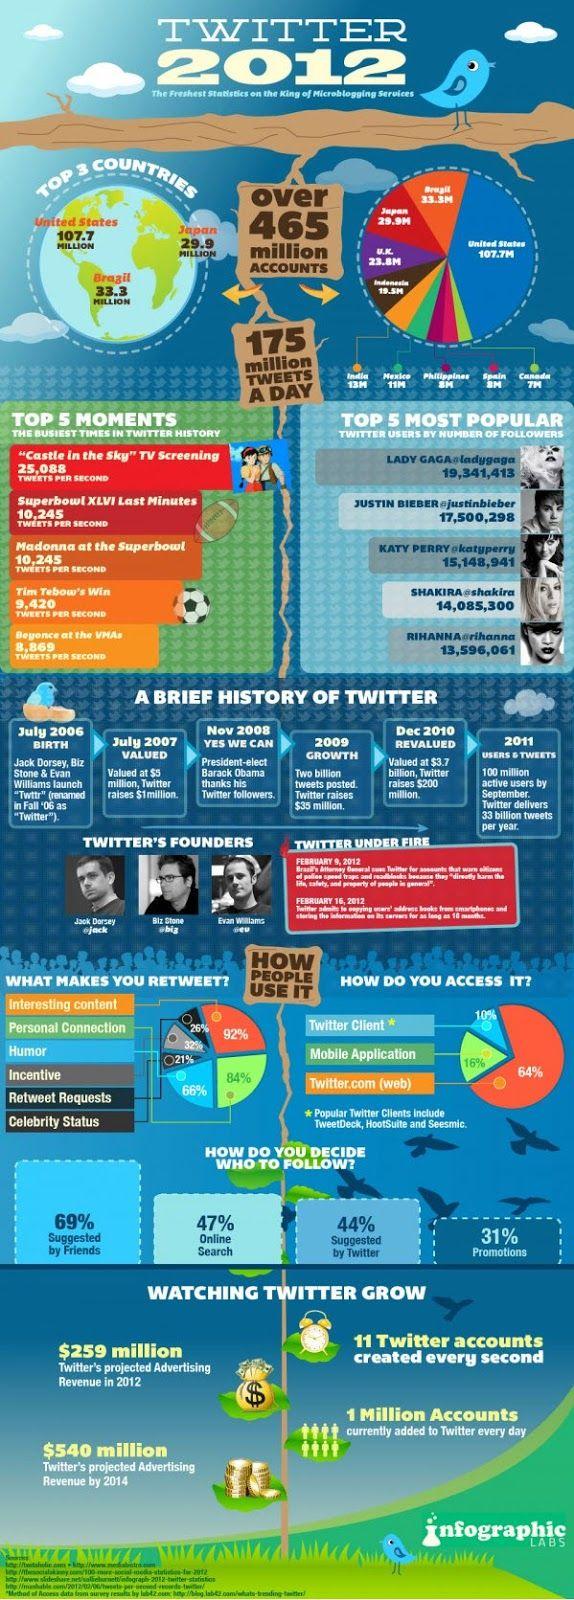 Social Media cijfers, feiten en statistieken. In 7 afleveringen nemen we de grootste social media networks onder de loup. 2 Twitter